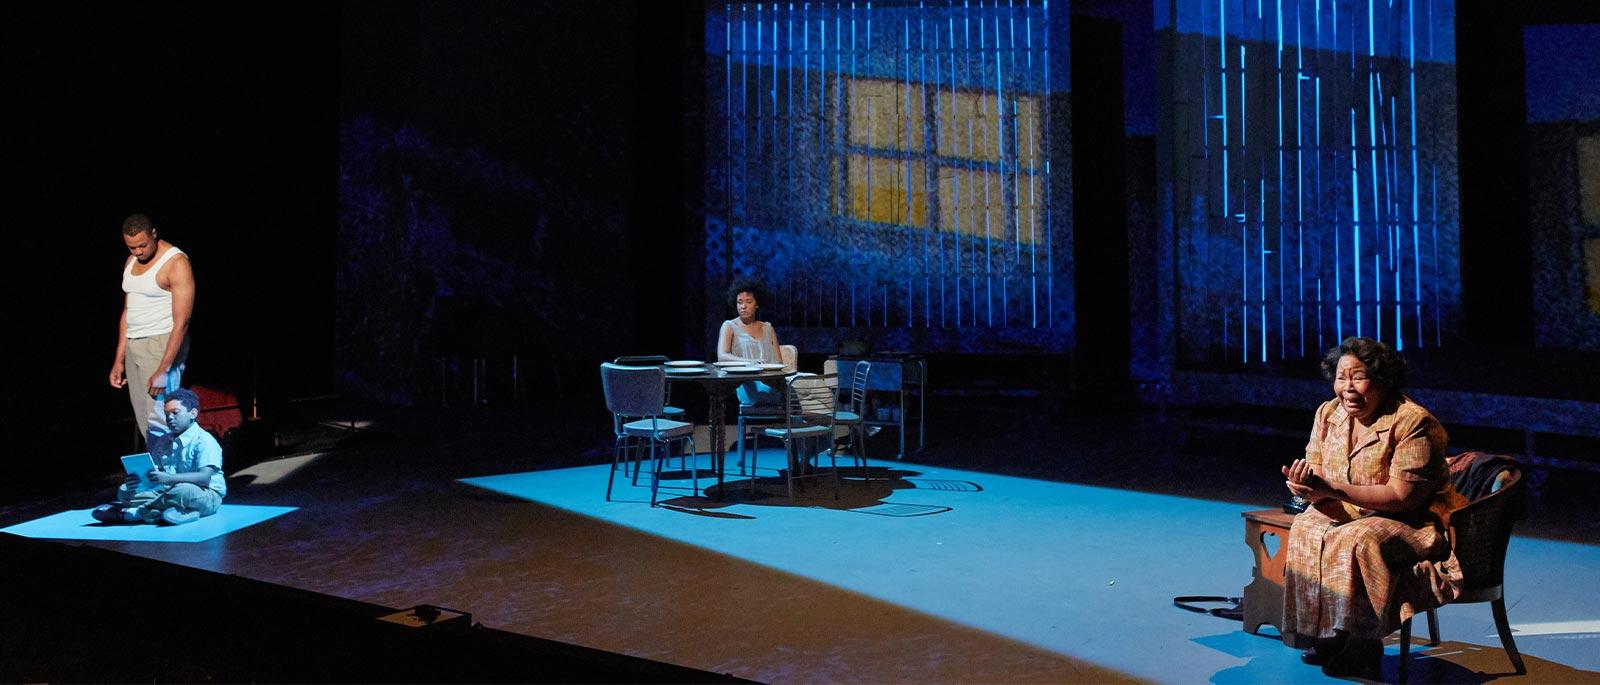 Yelmo emite en cines la temporada lírica 21/22 del Metropolitan Opera